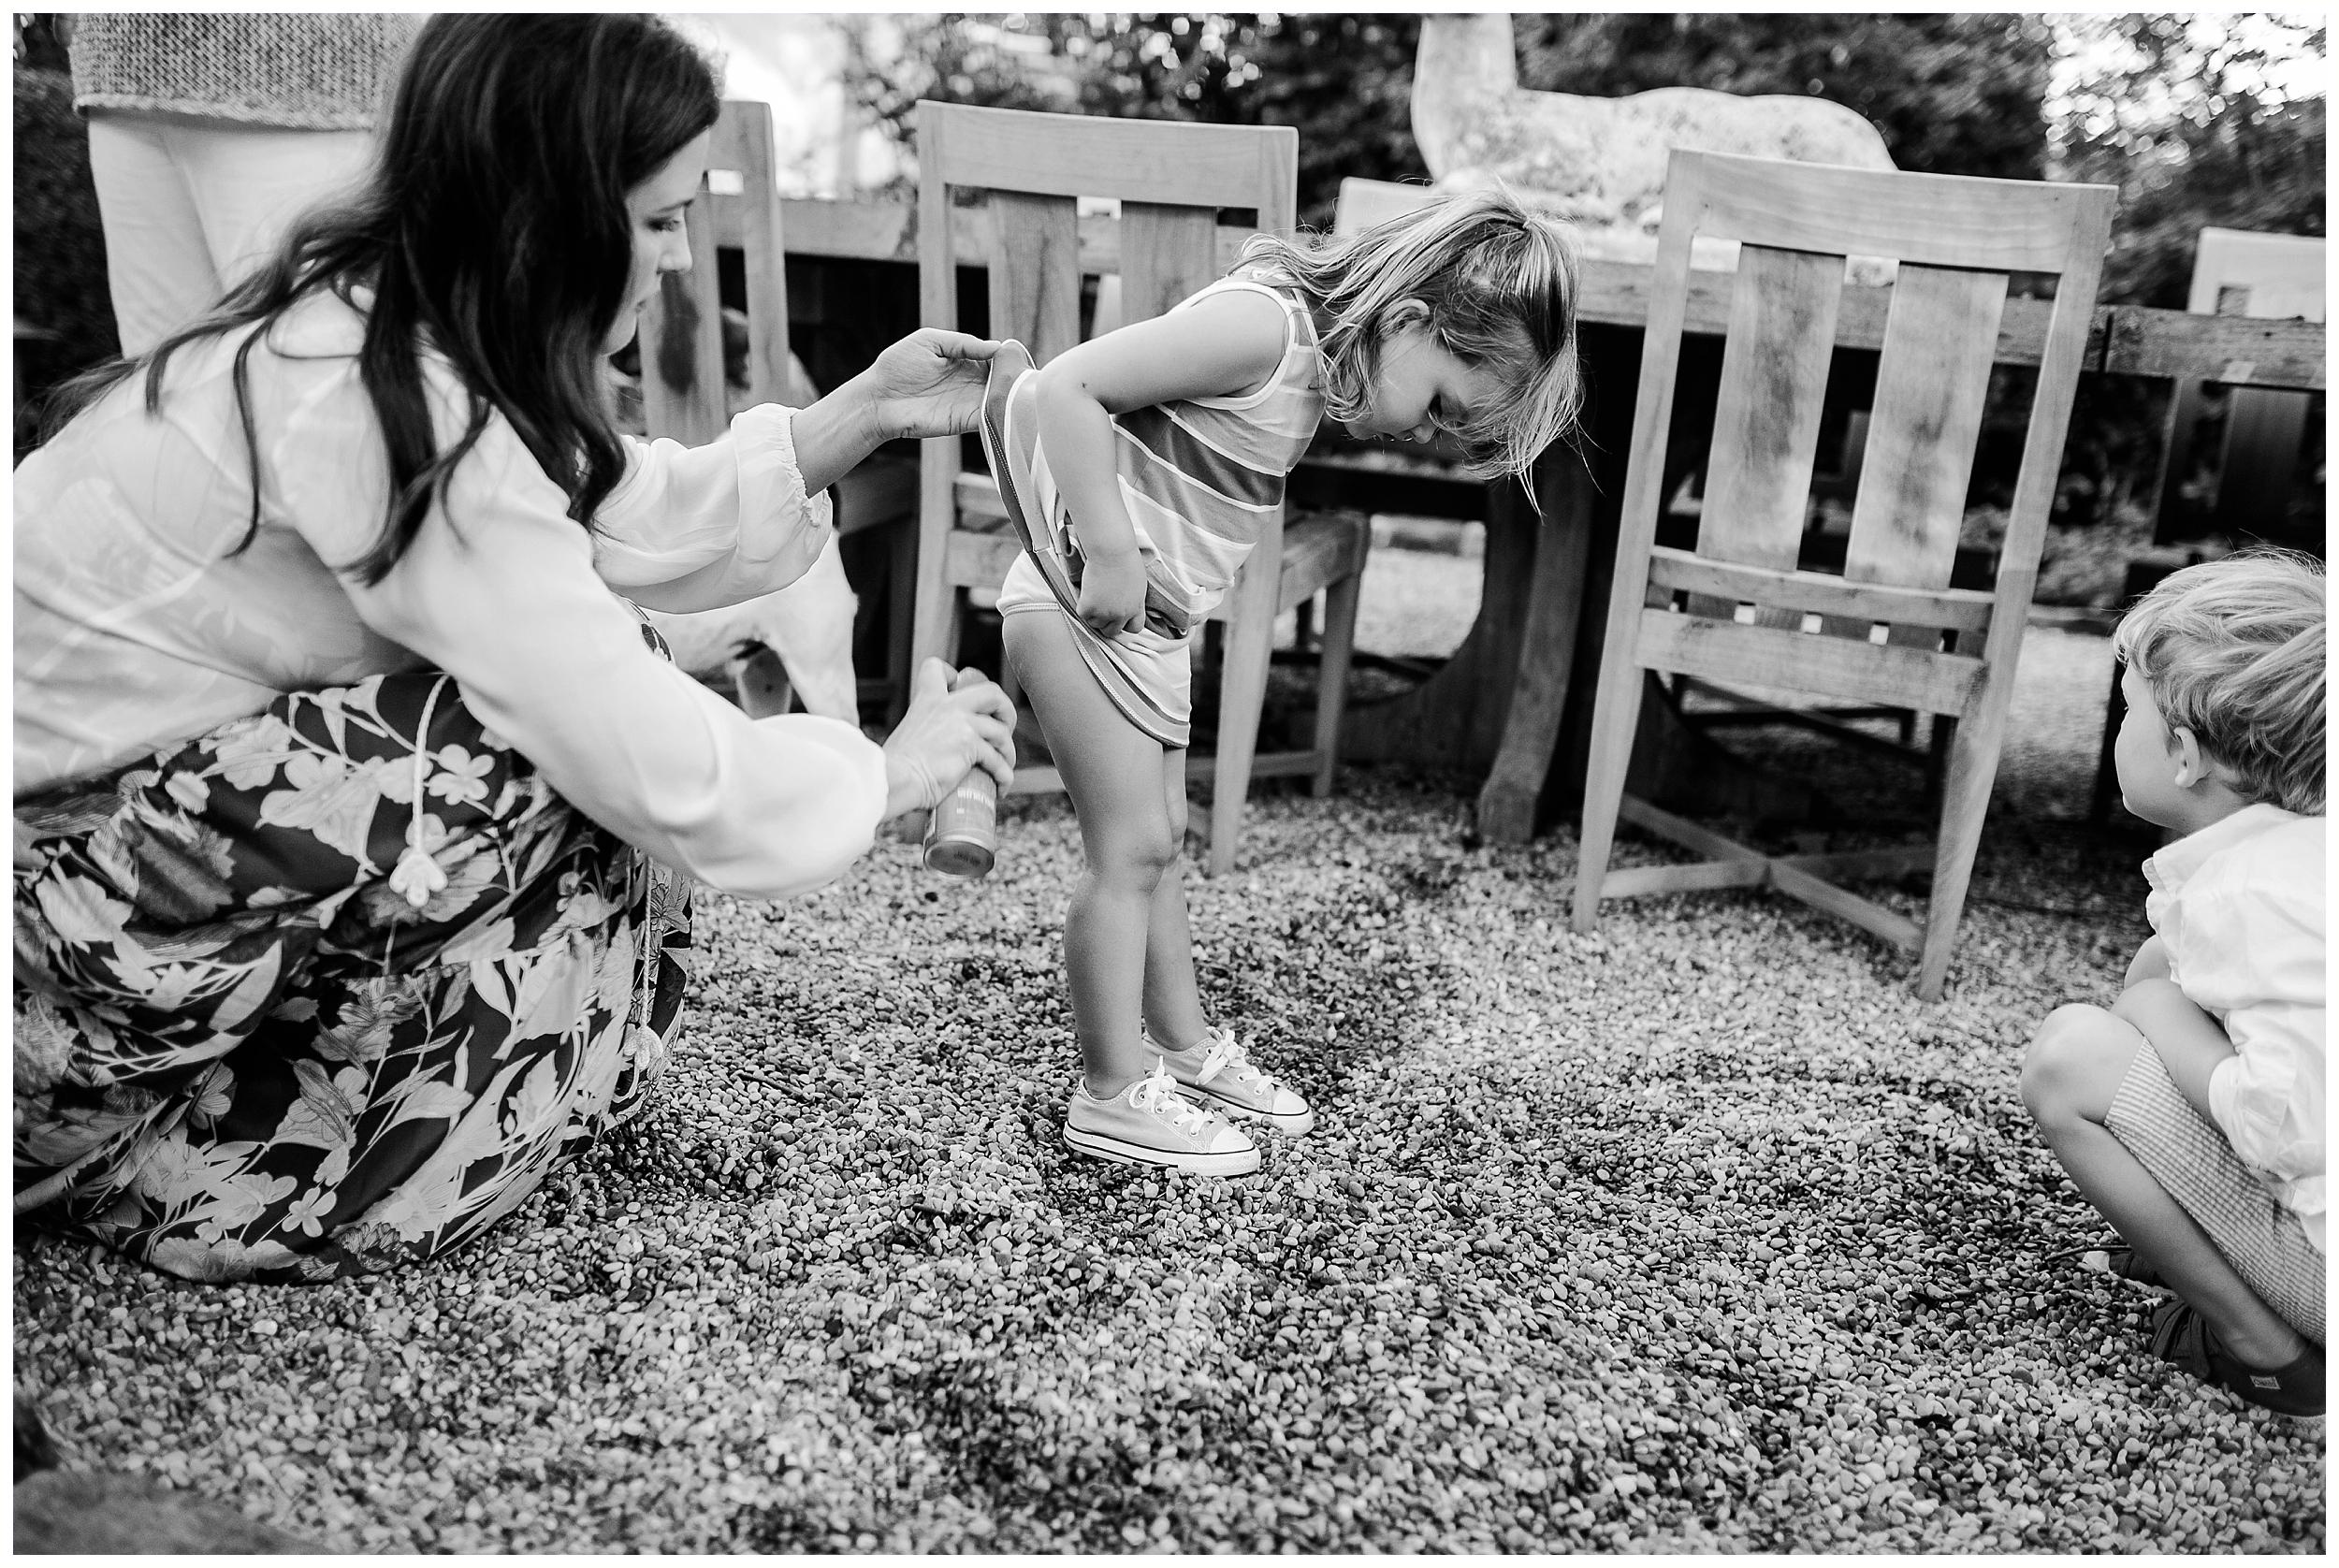 lexington-ky-family-lifestyle-photos-by-priscilla-baierlein_0030.jpg